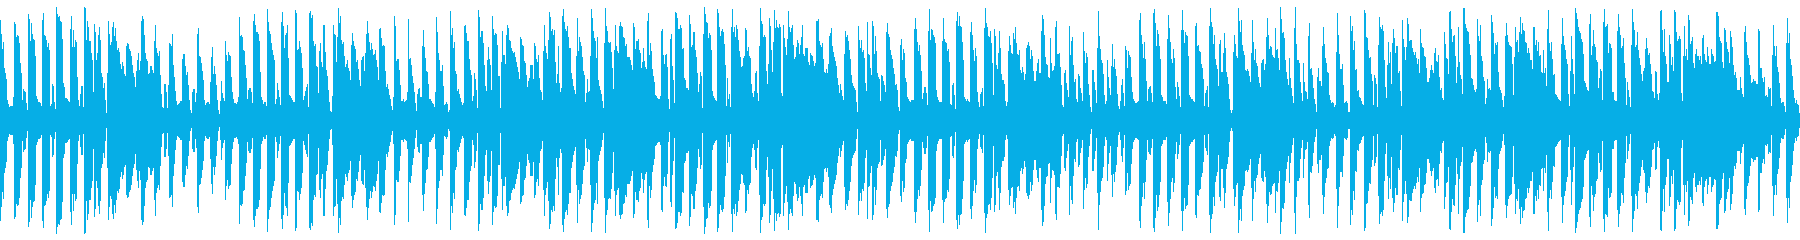 軽快ほのぼの温かい口笛ウクレレ(ループの再生済みの波形